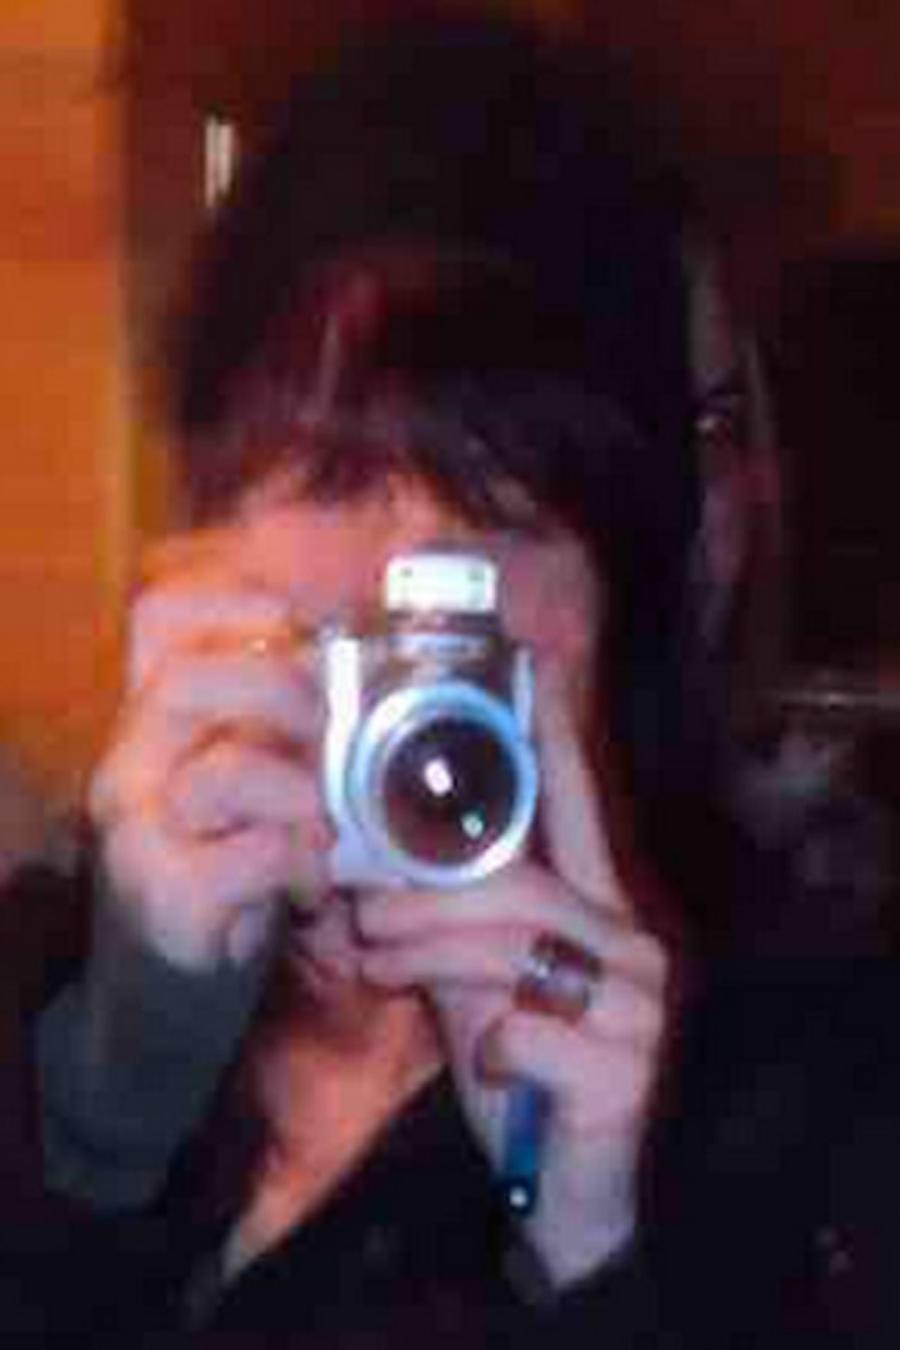 Supuesto fantasma aparece en el selfie de una mujer